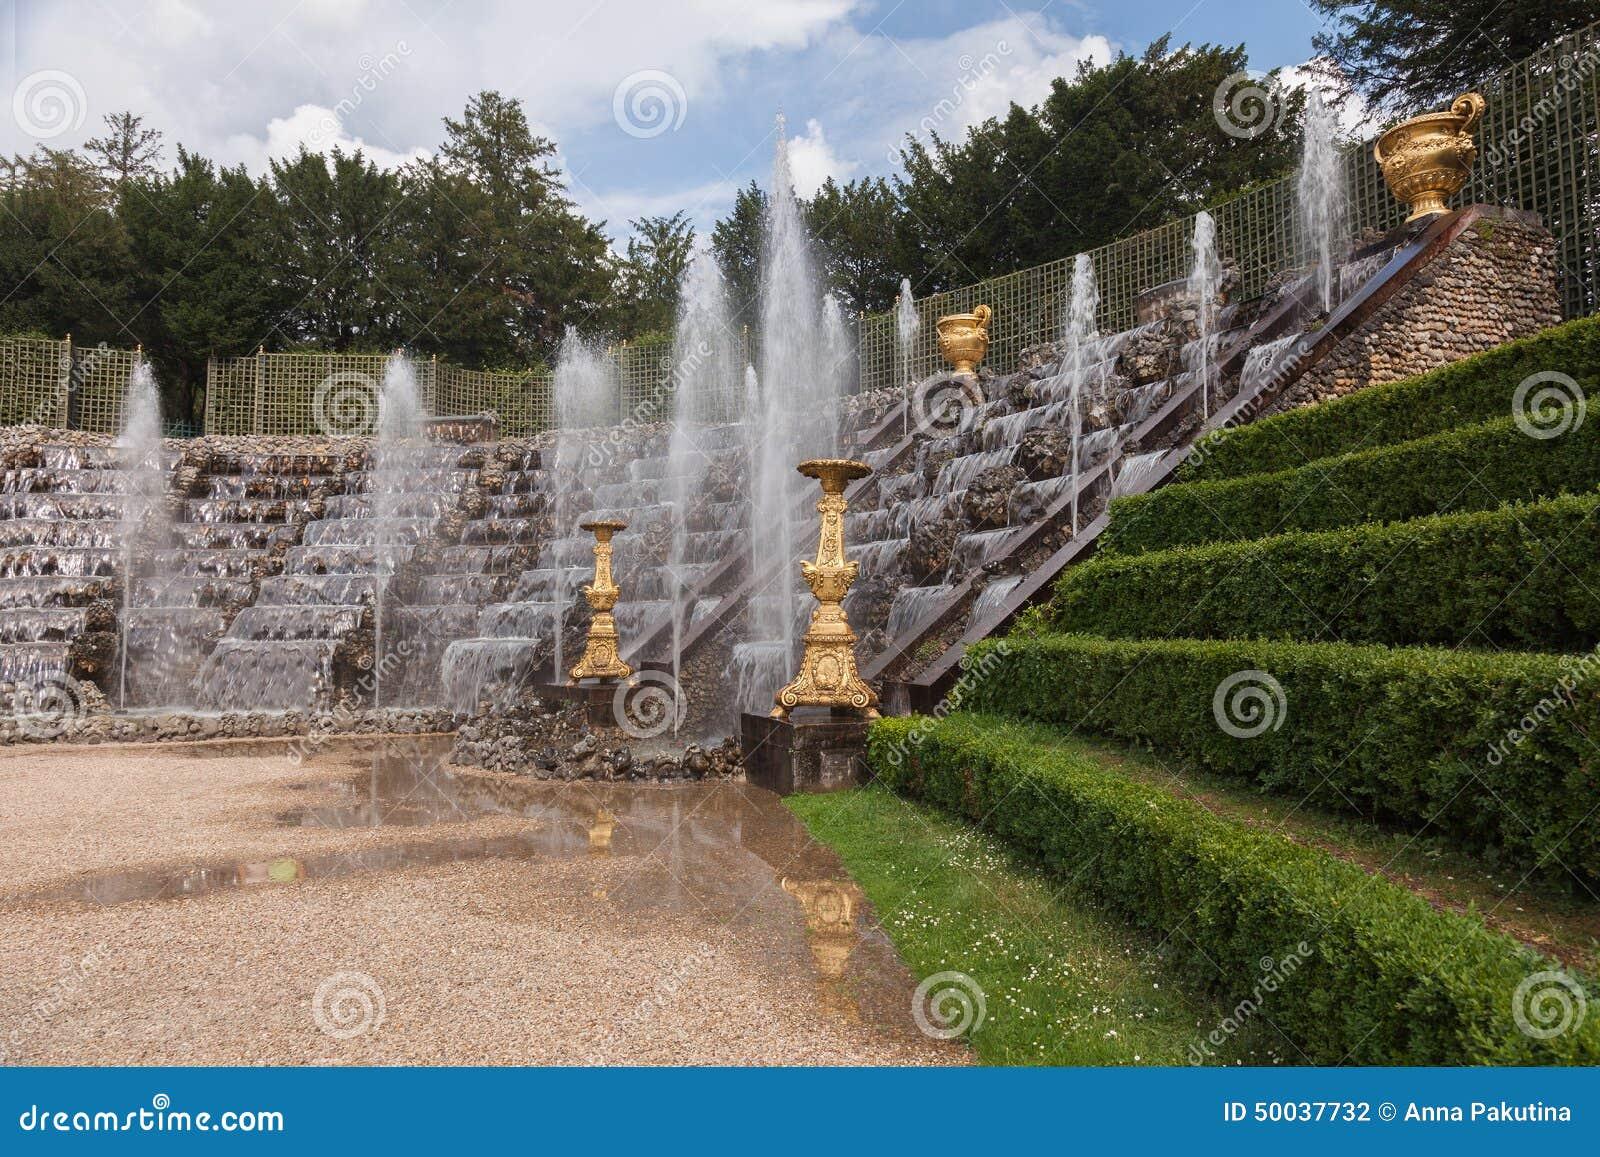 Beroemde fonteinen in het park van het paleis van for Parking parc des expositions versailles